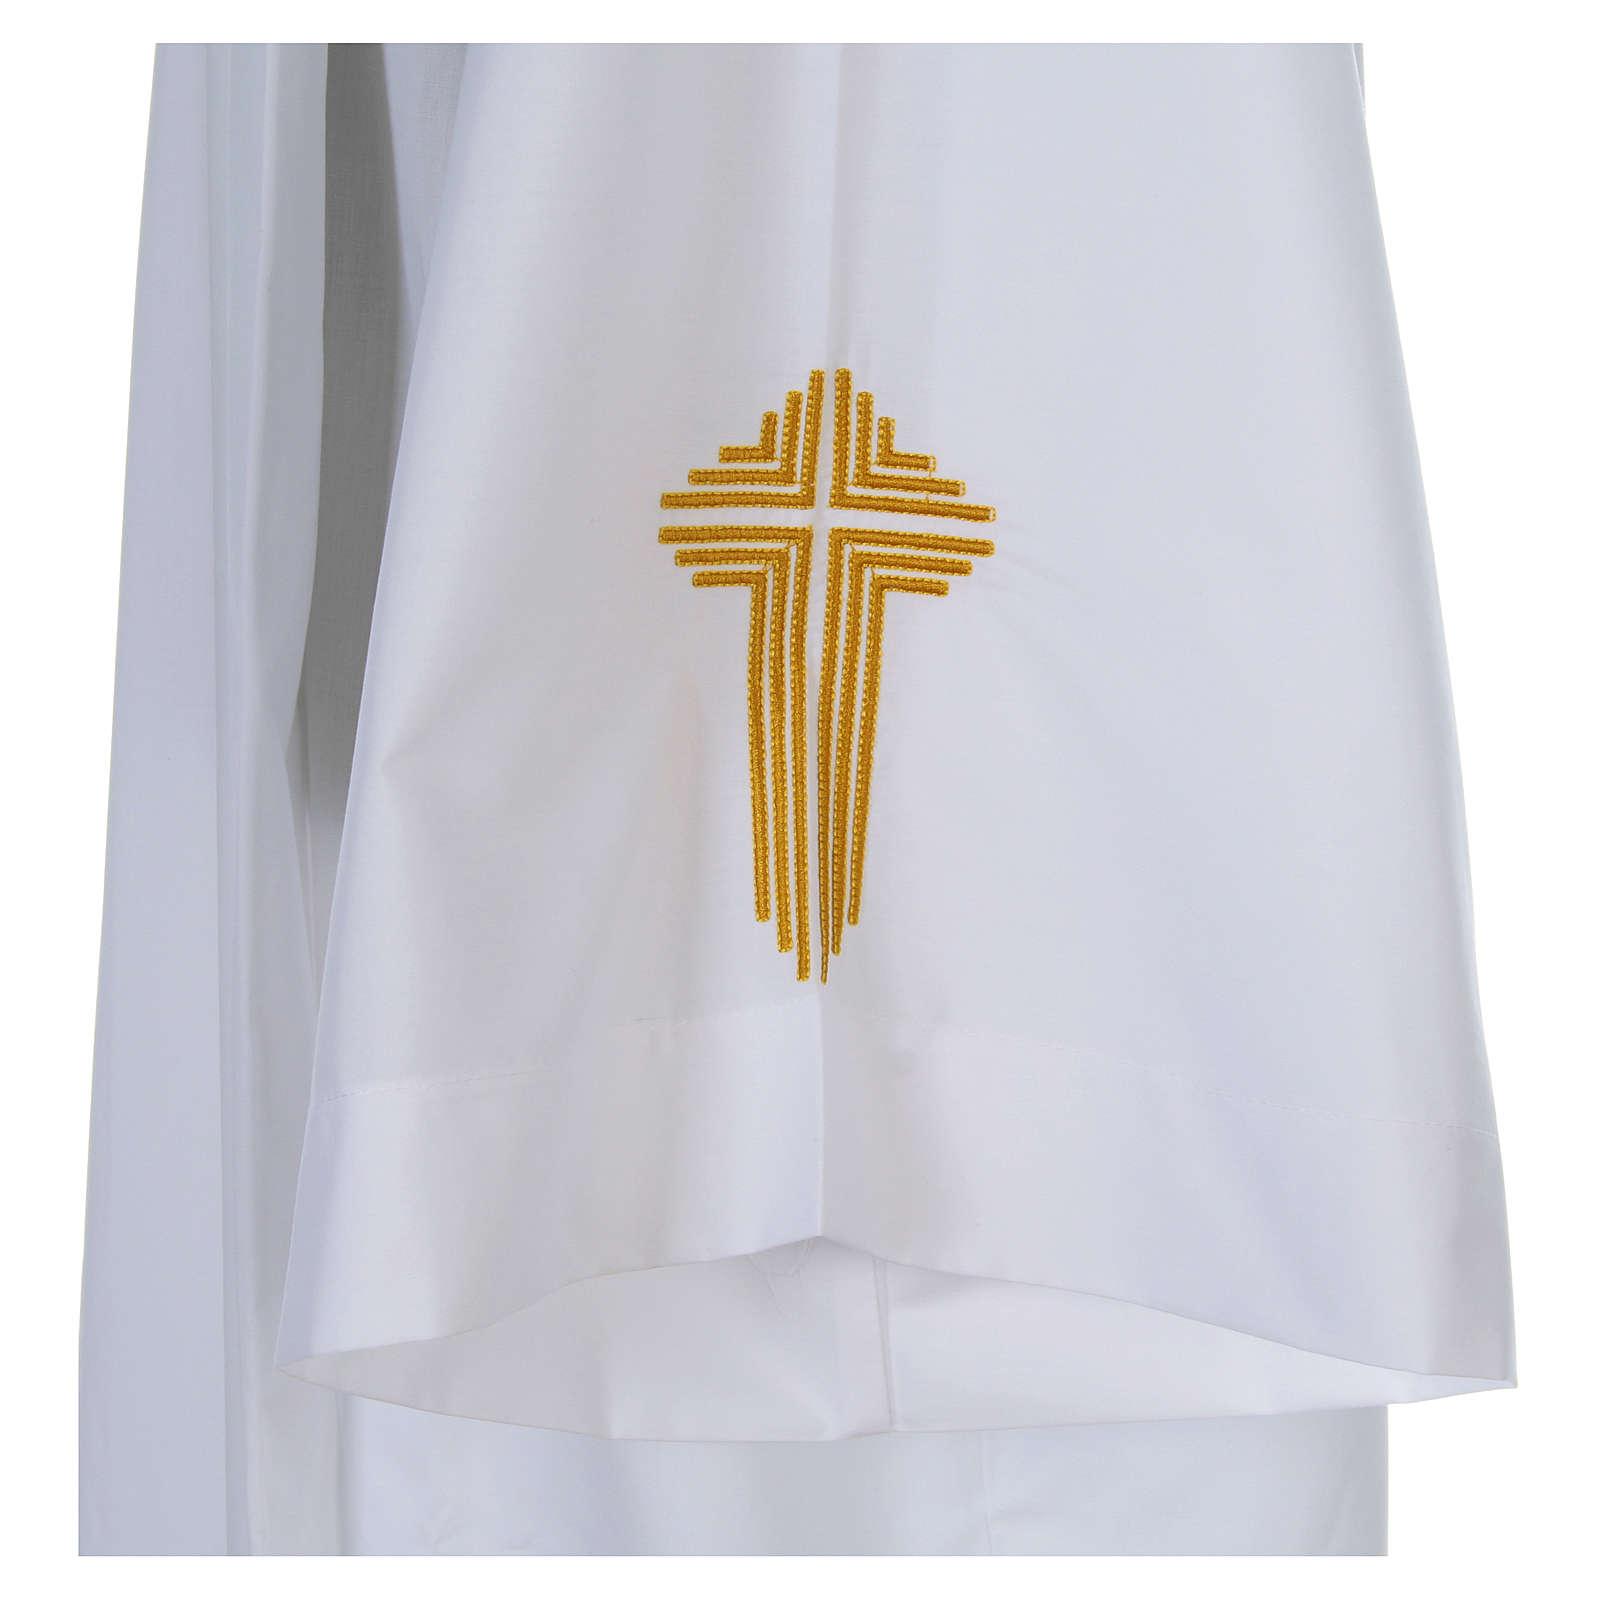 Camice bianco piegoni e croce ricamata fondo e maniche misto cotone 4